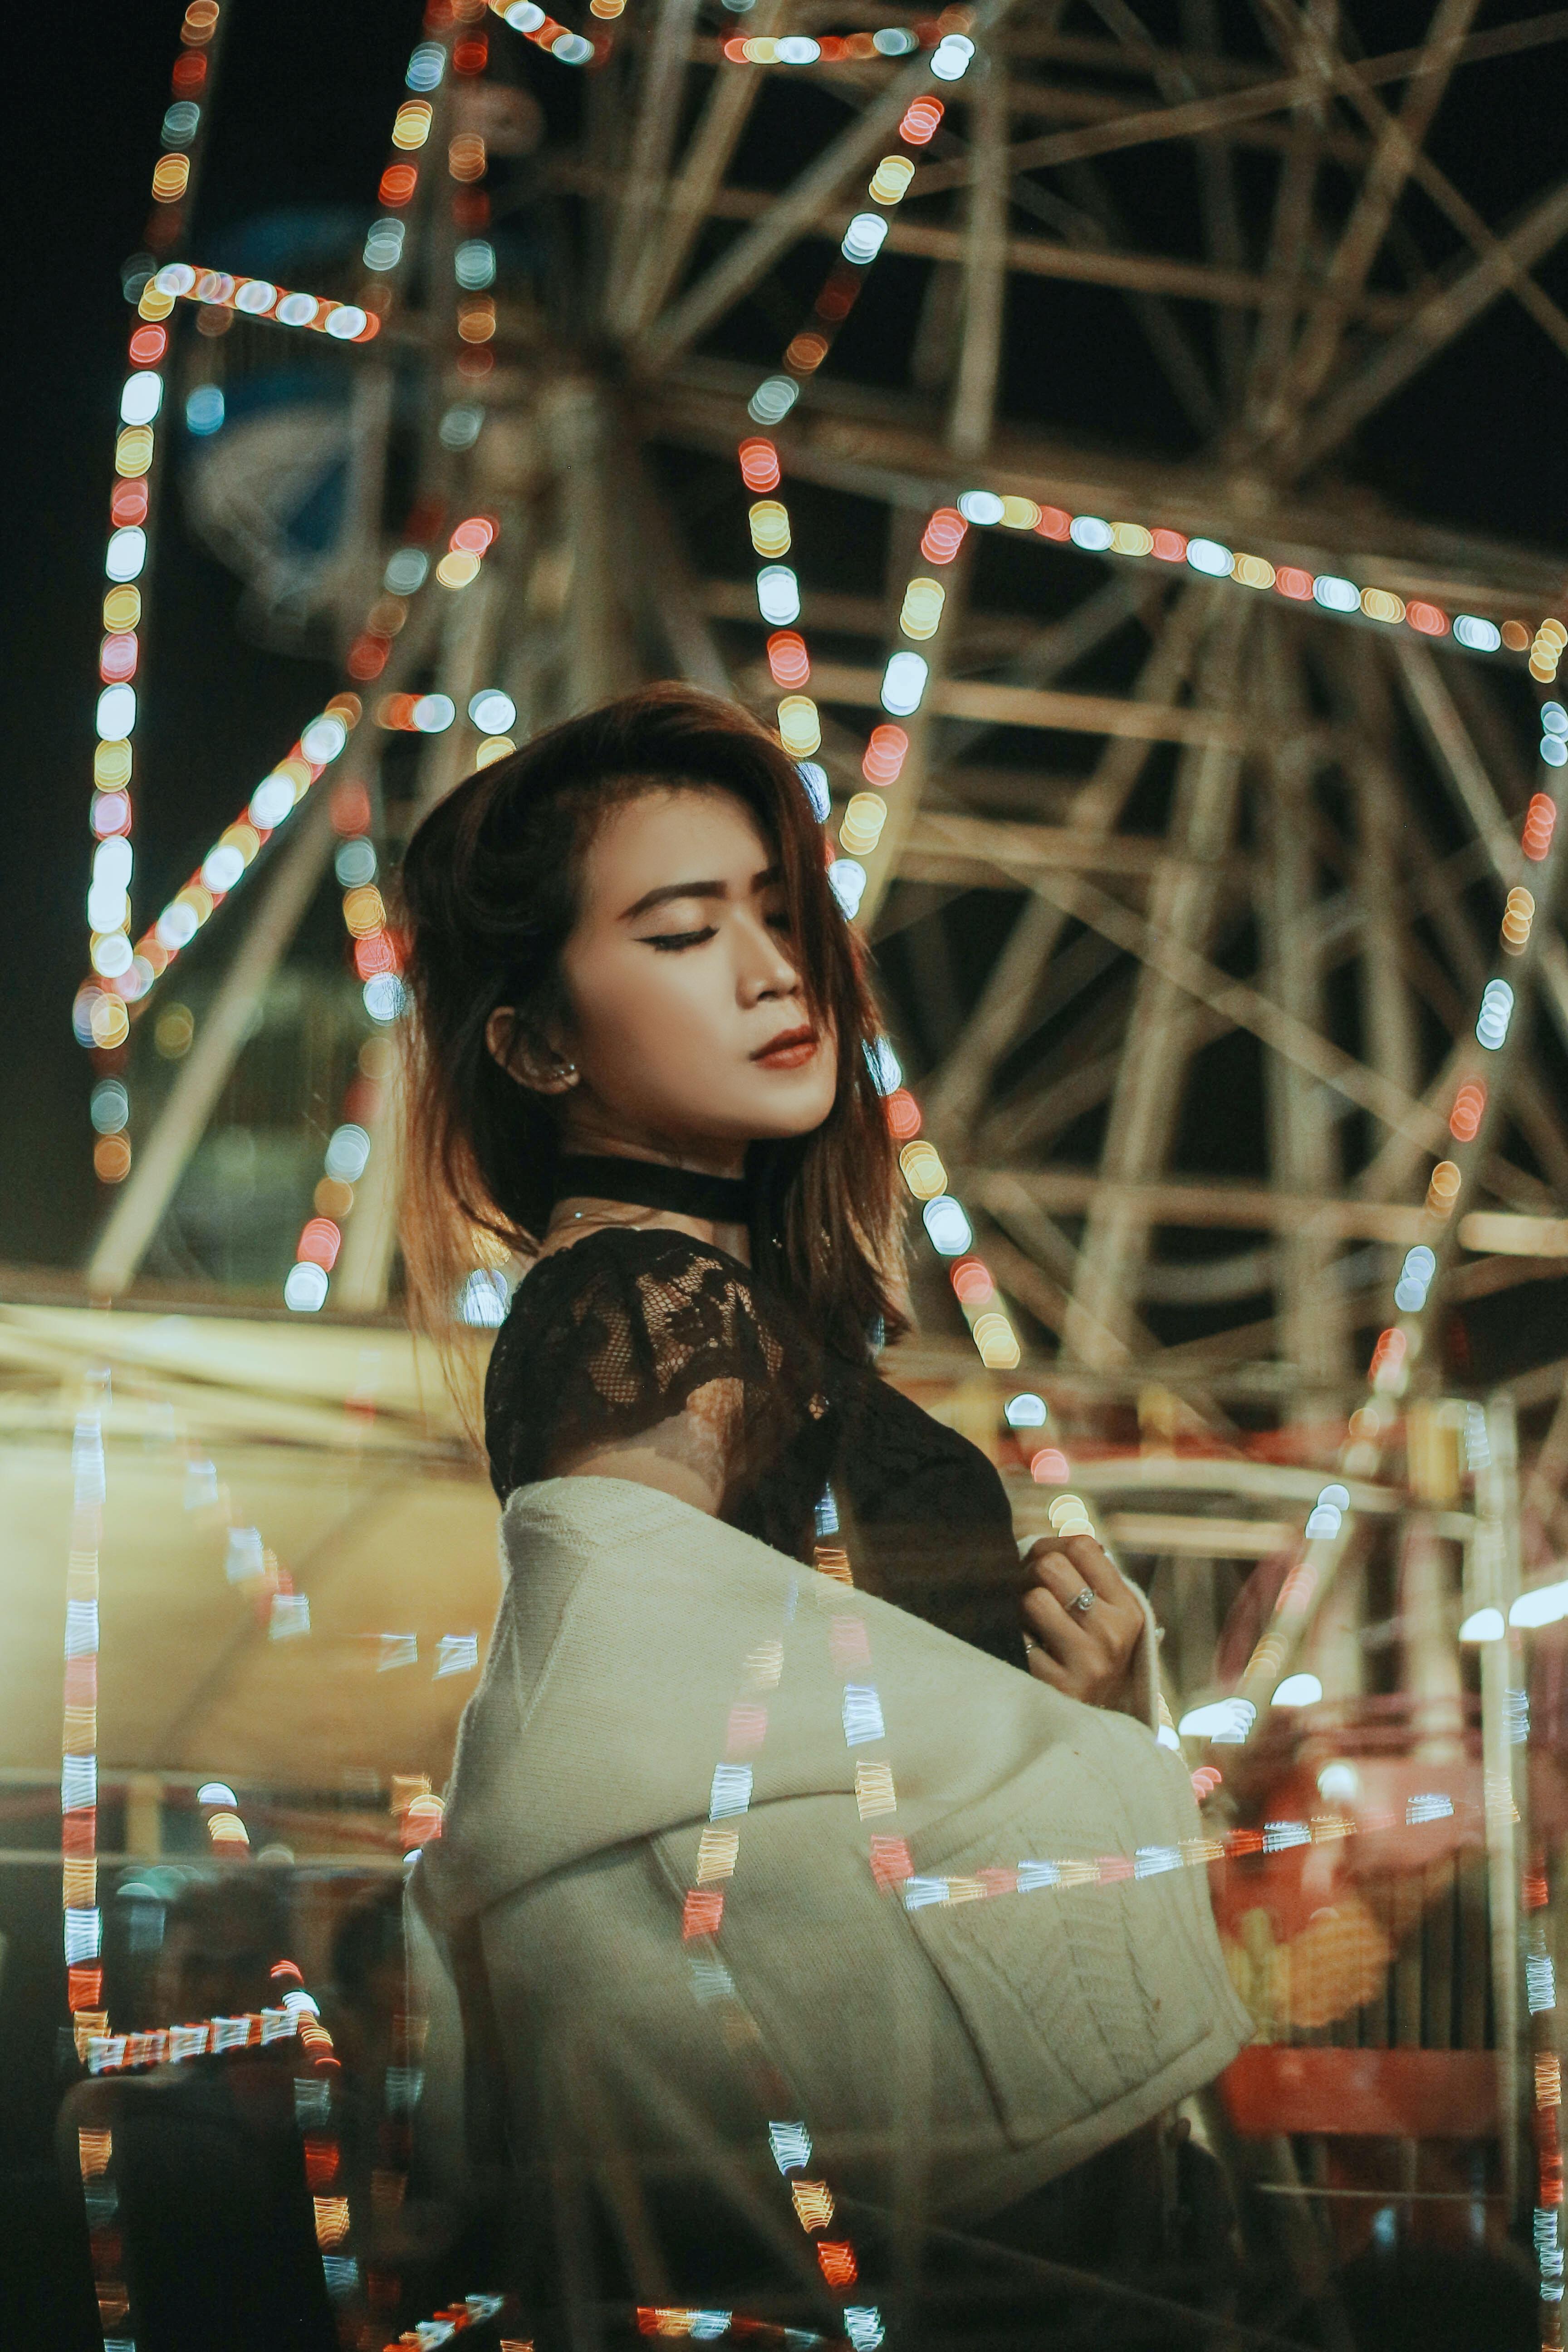 woman in front of ferris wheel